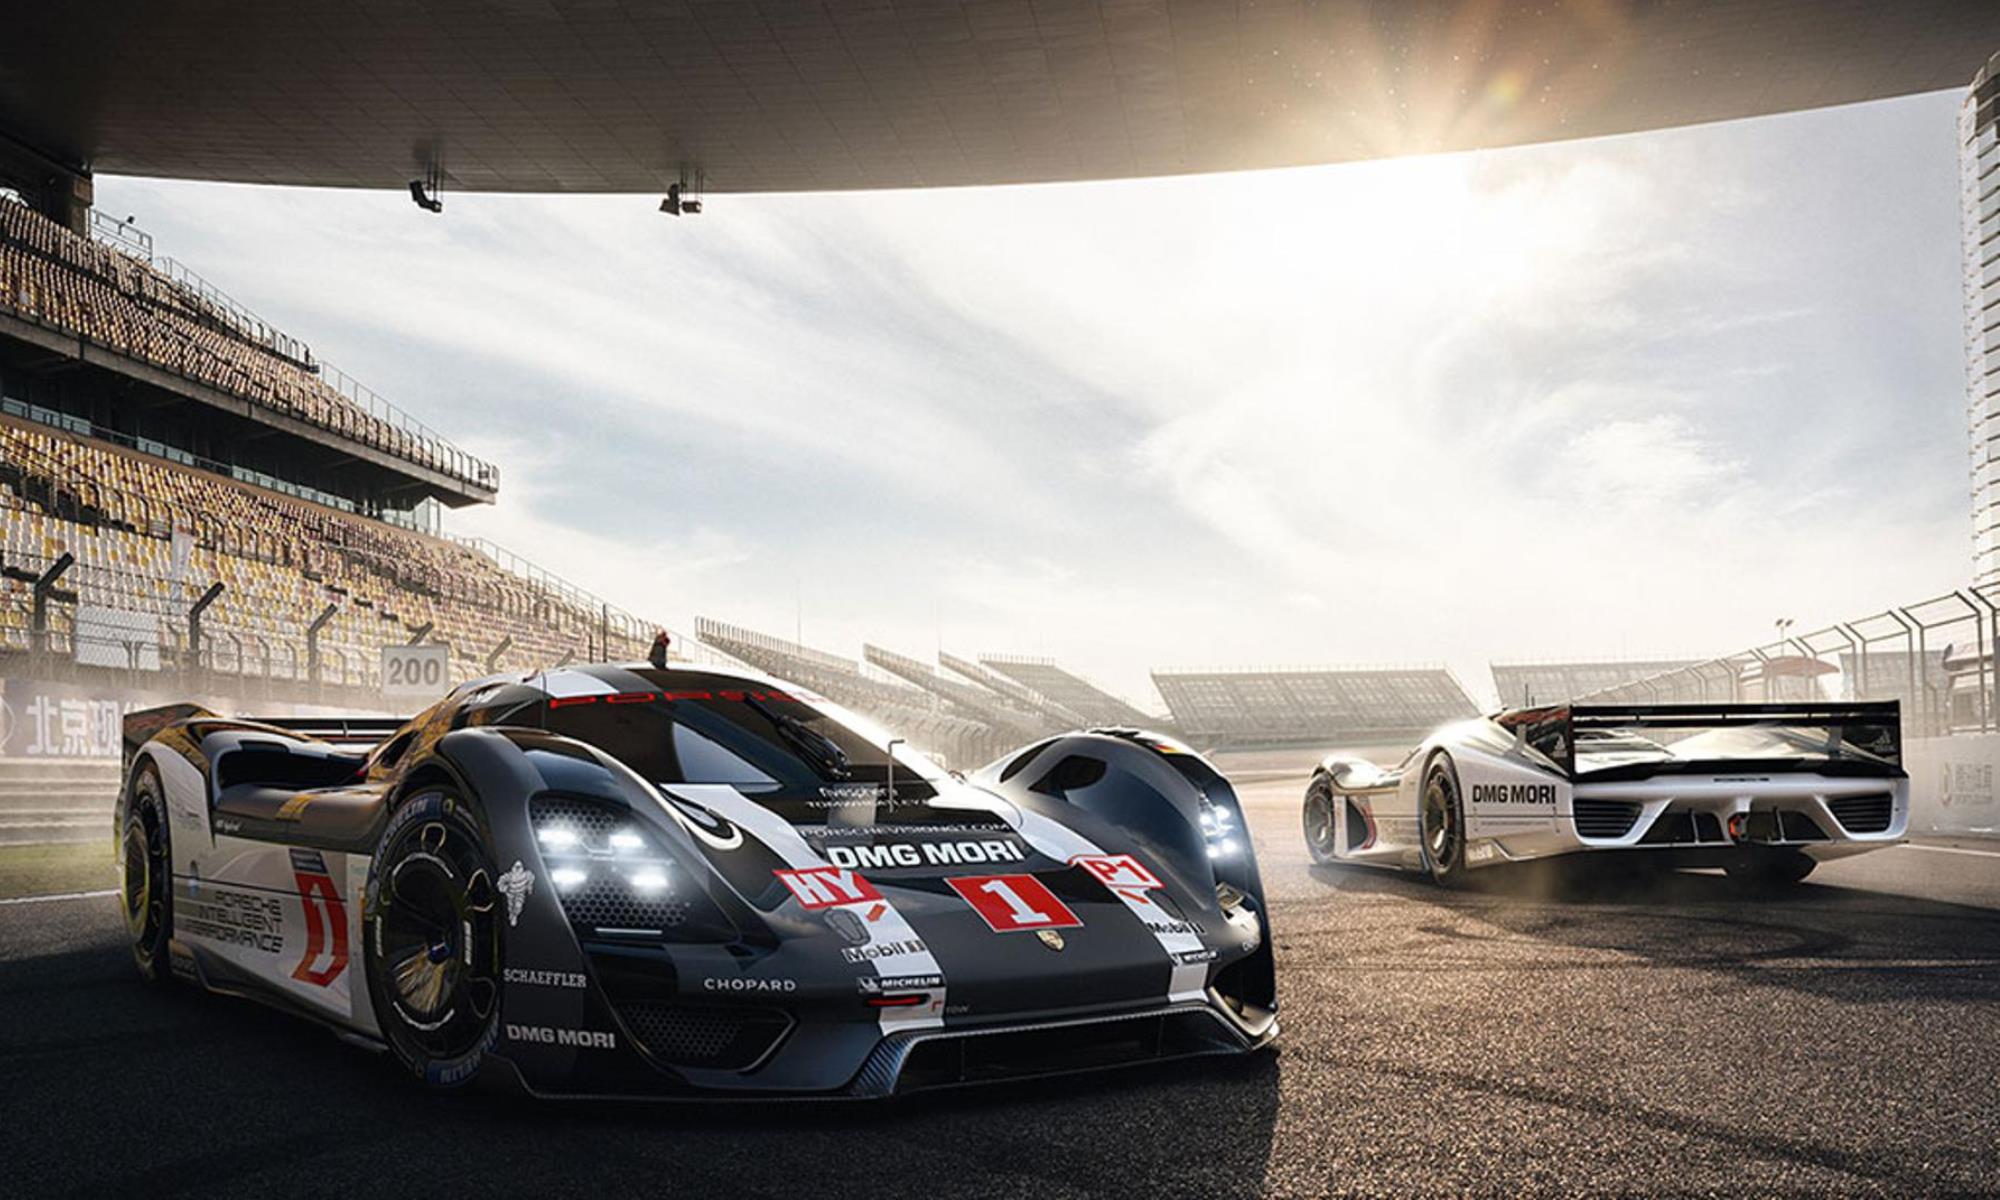 Porsche Le Mans concept cars